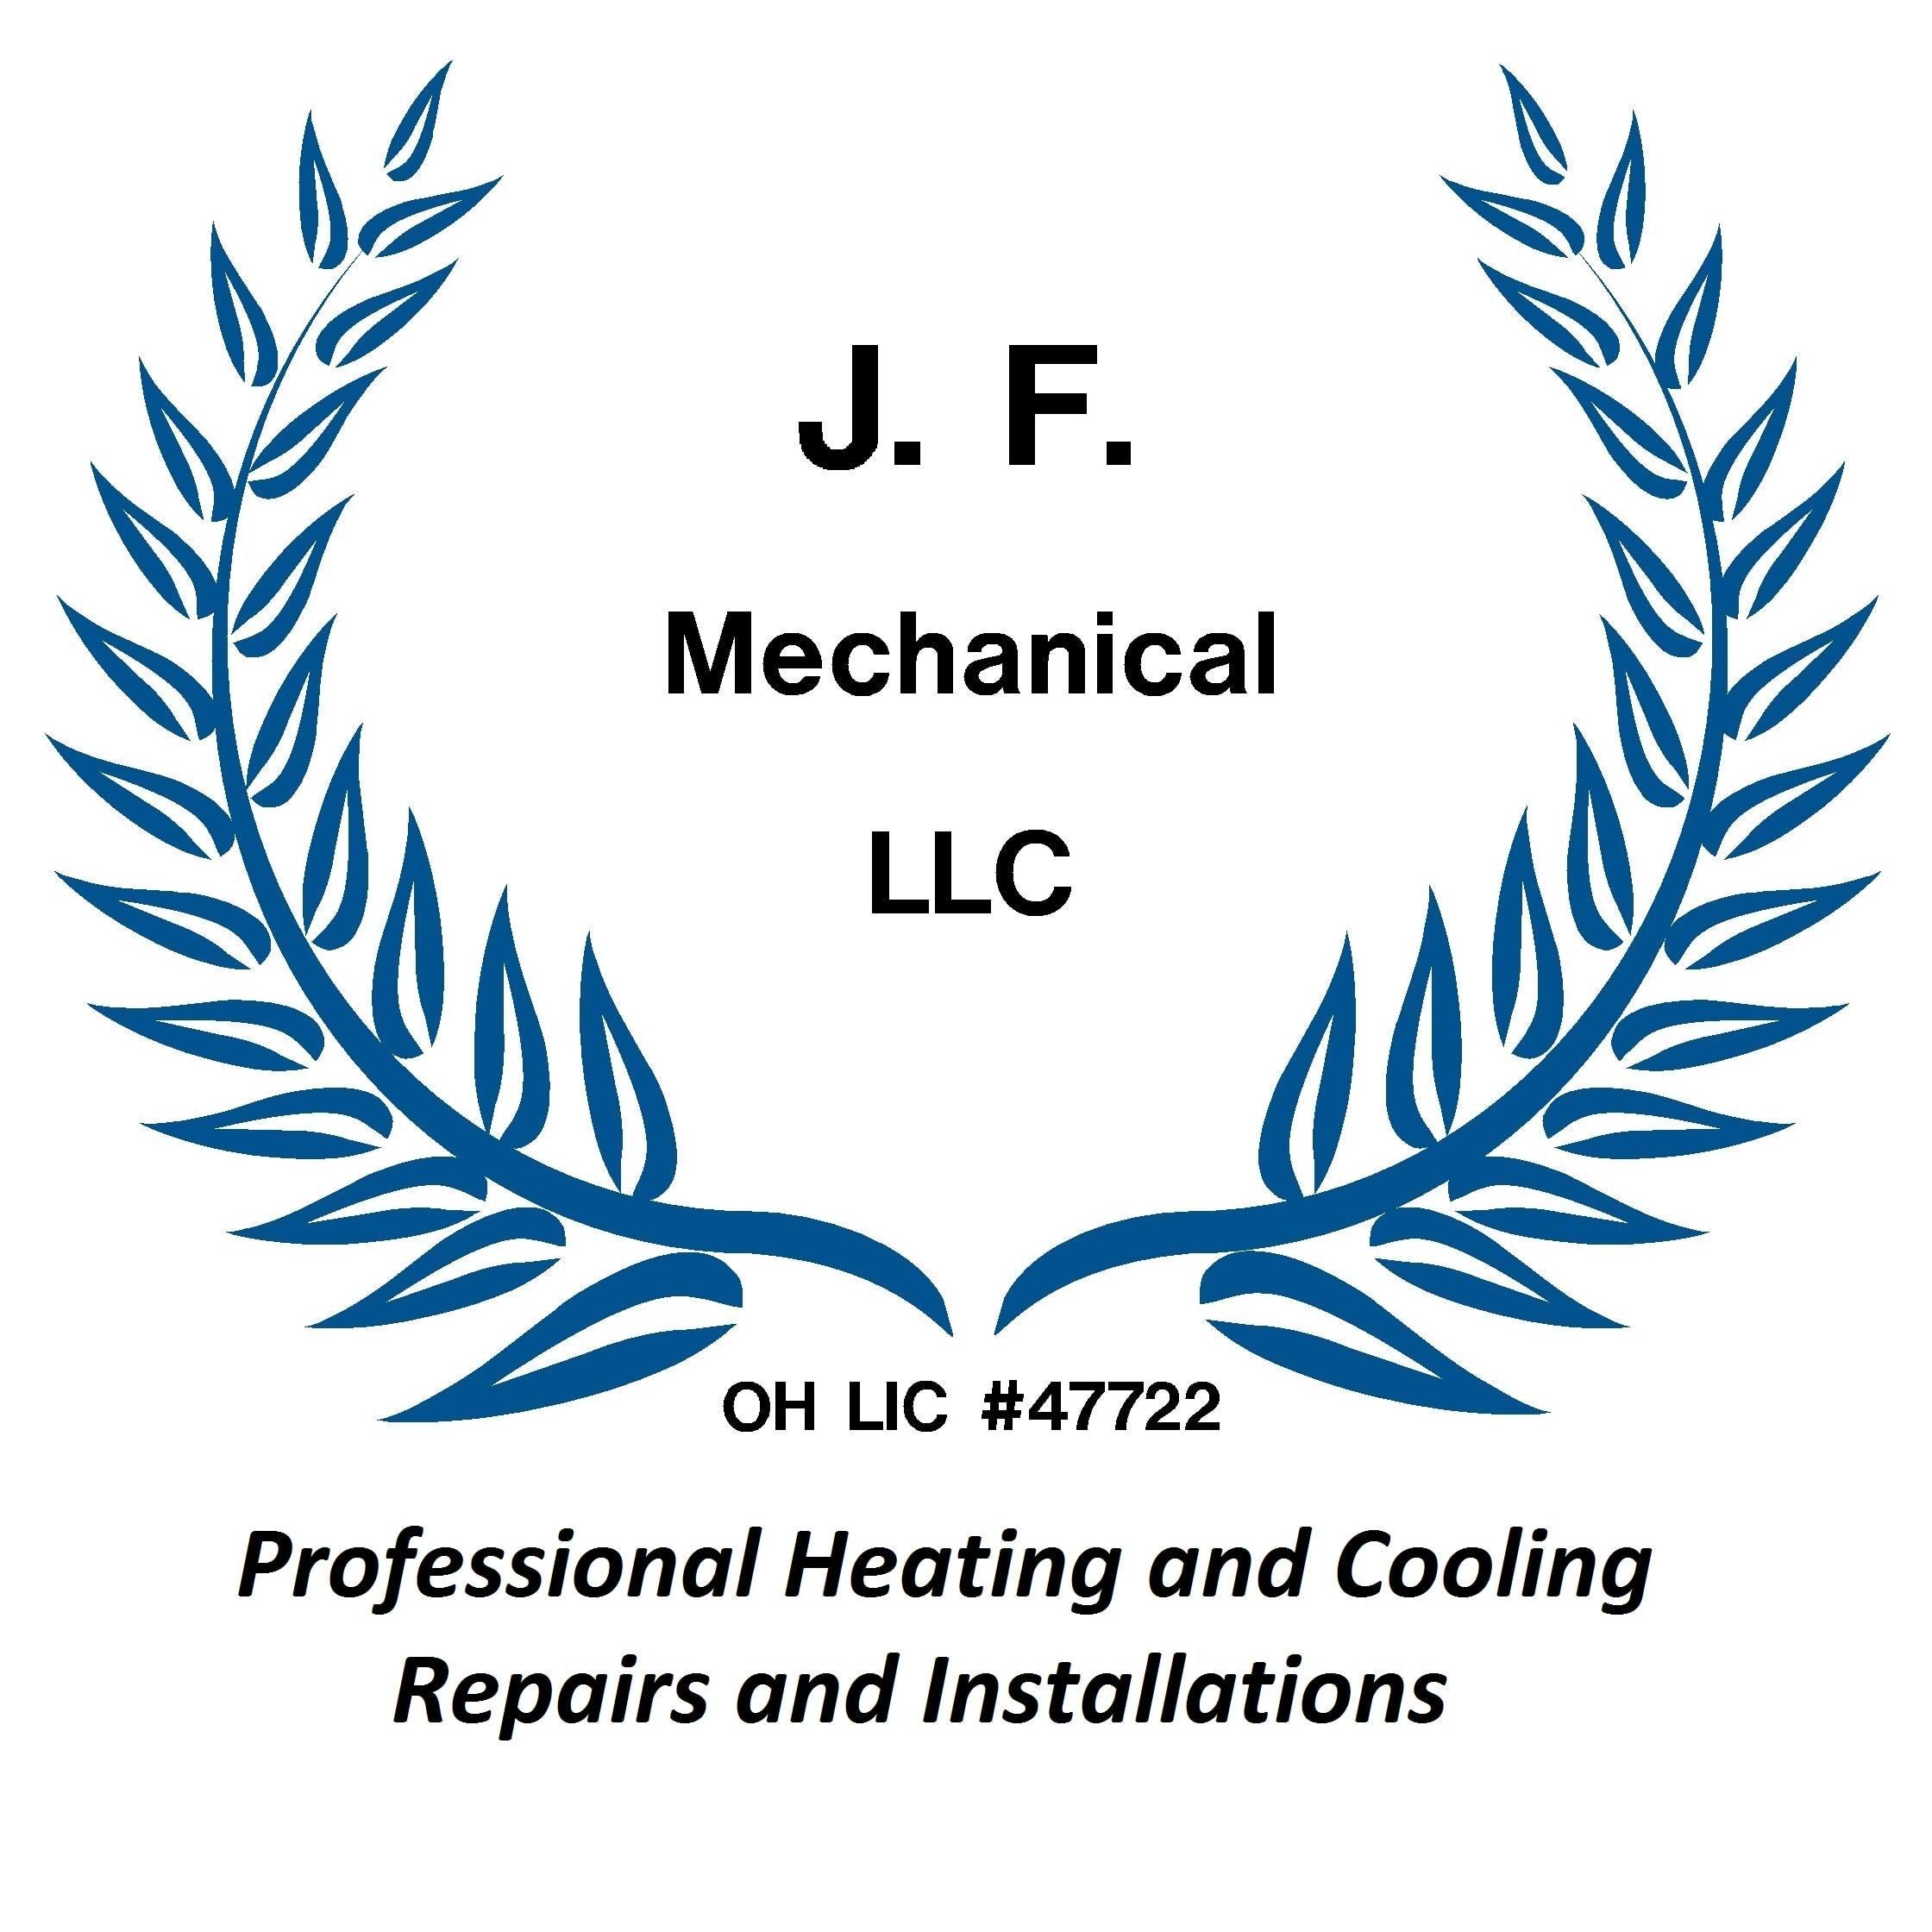 J.F. Mechanical LLC